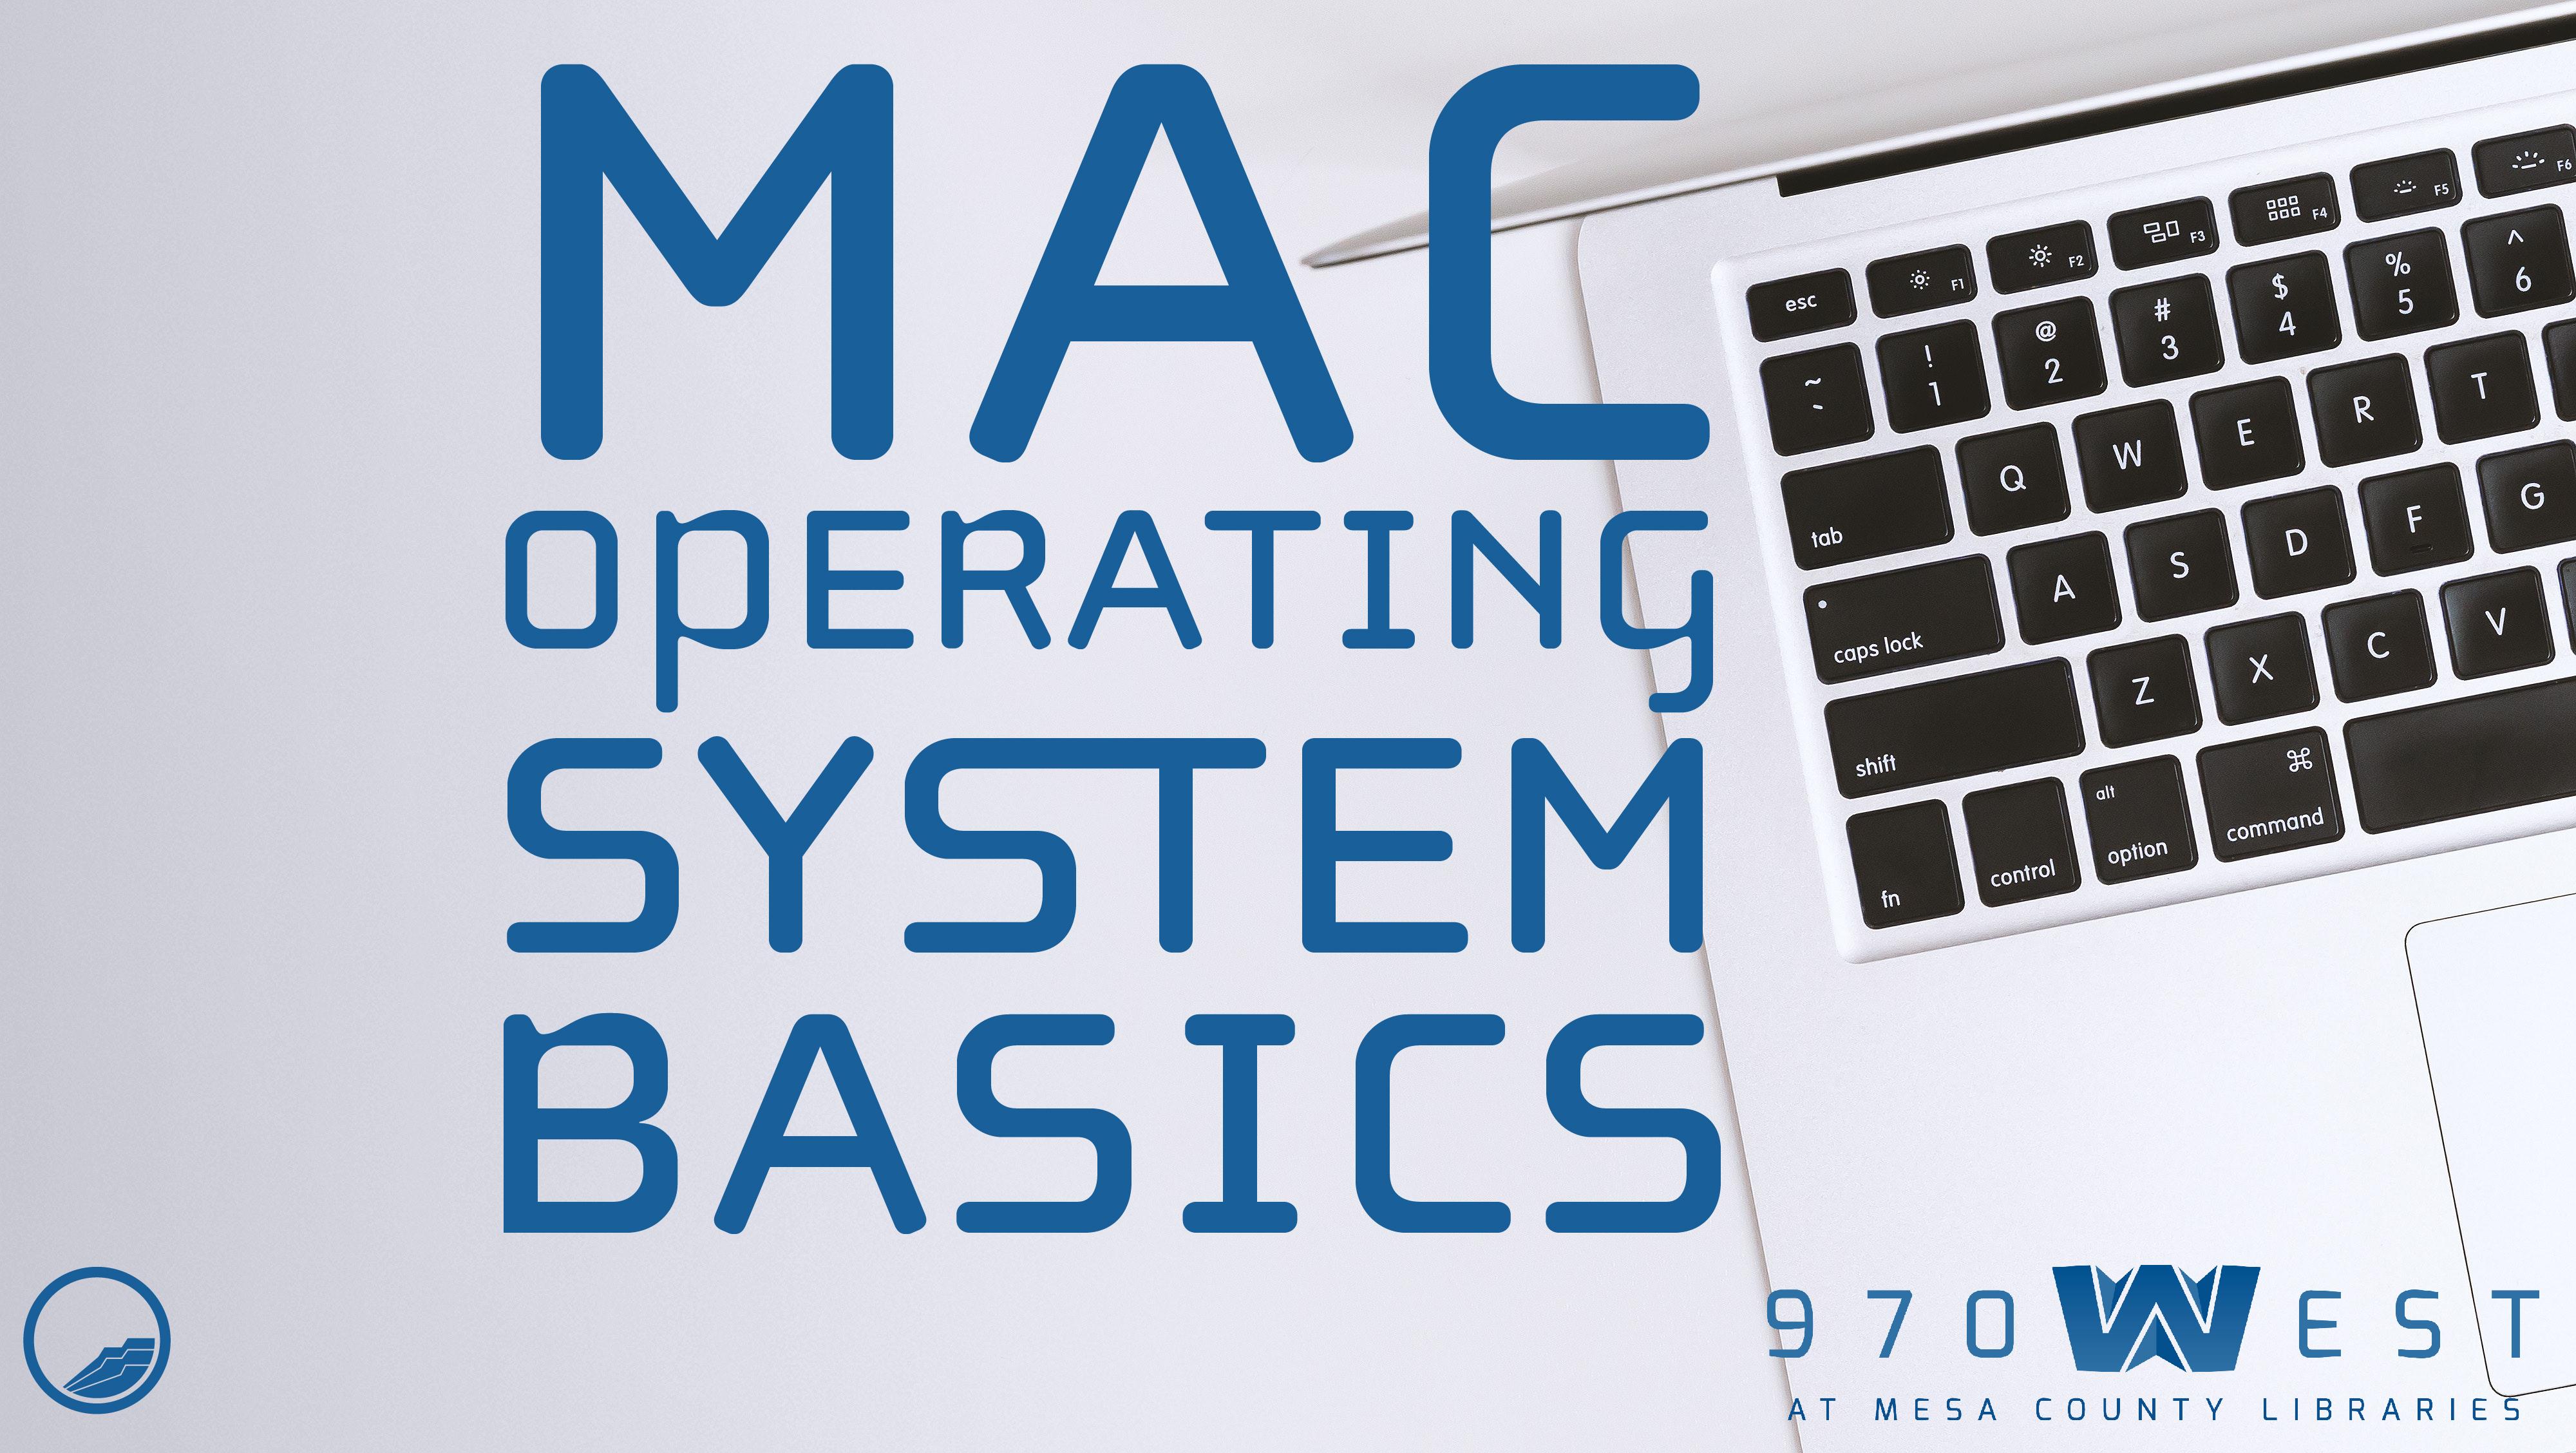 Mac OS Basics